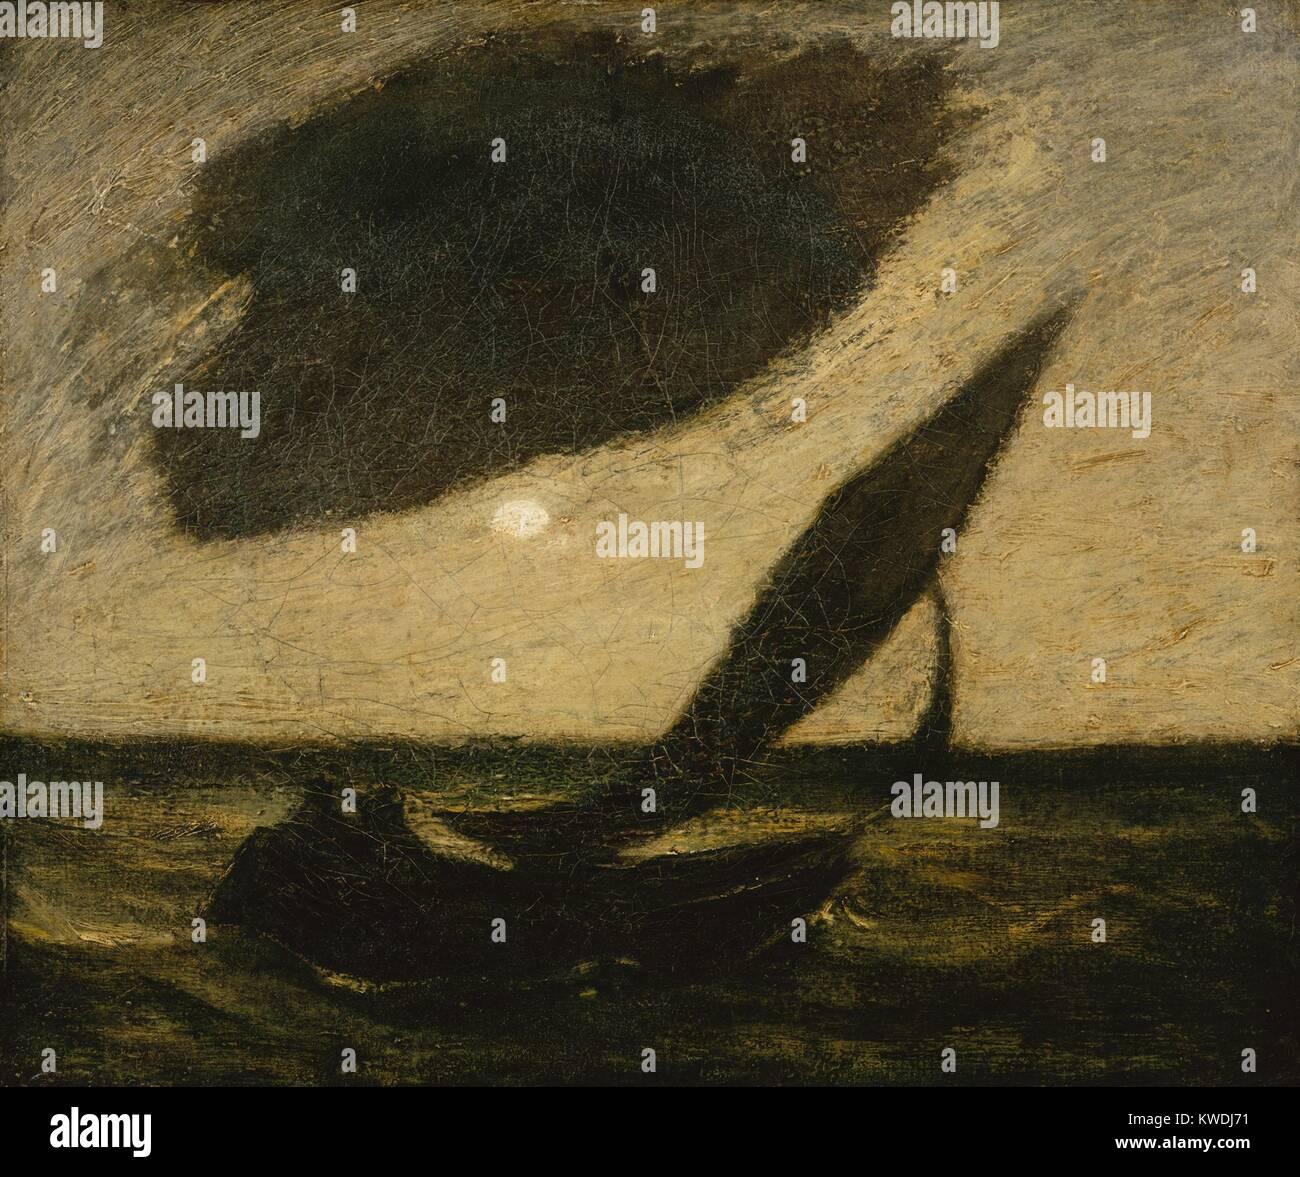 Bajo una nube, por Albert Pinkham Ryder, 1900, pintura americana, óleo sobre lienzo. Este evocador paisaje nocturno representa una gran nube oscura junto a una pequeña luna llena sobre un velero en el agua (BSLOC_2017_9_34) Foto de stock